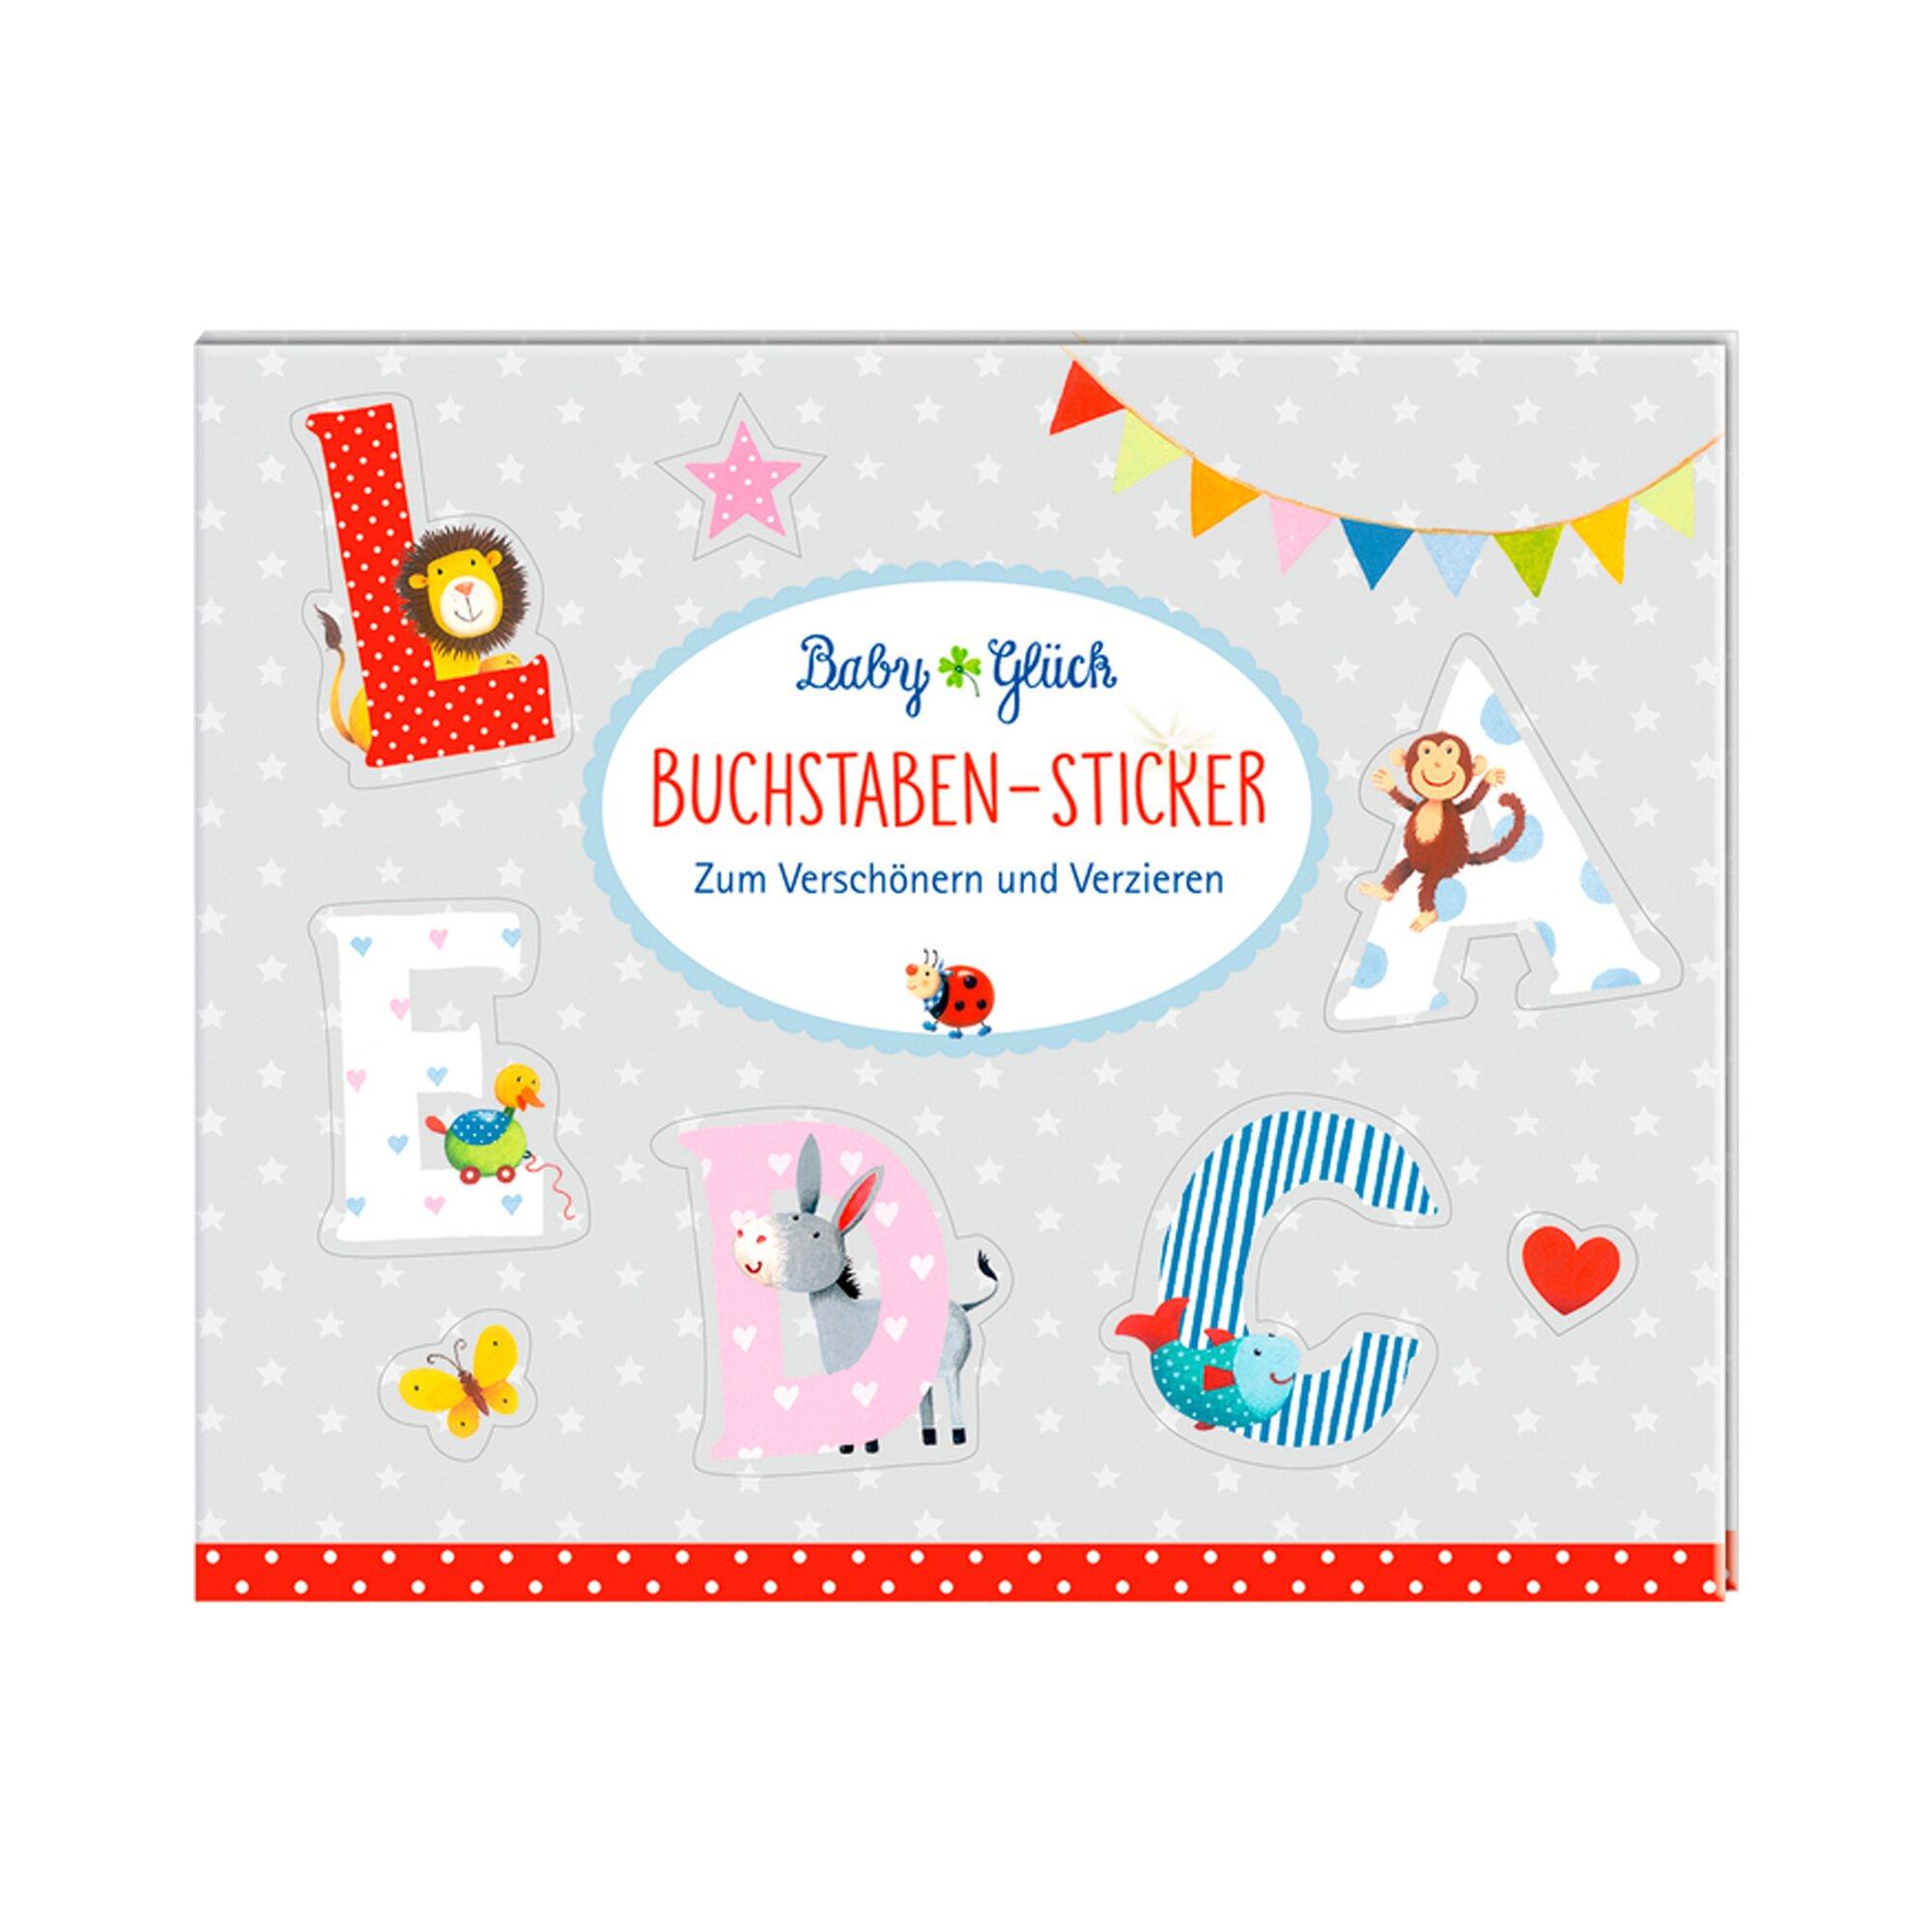 Coppenrath Die Spiegelburg Stickerbuch Buchstaben-Sticker BabyGlück